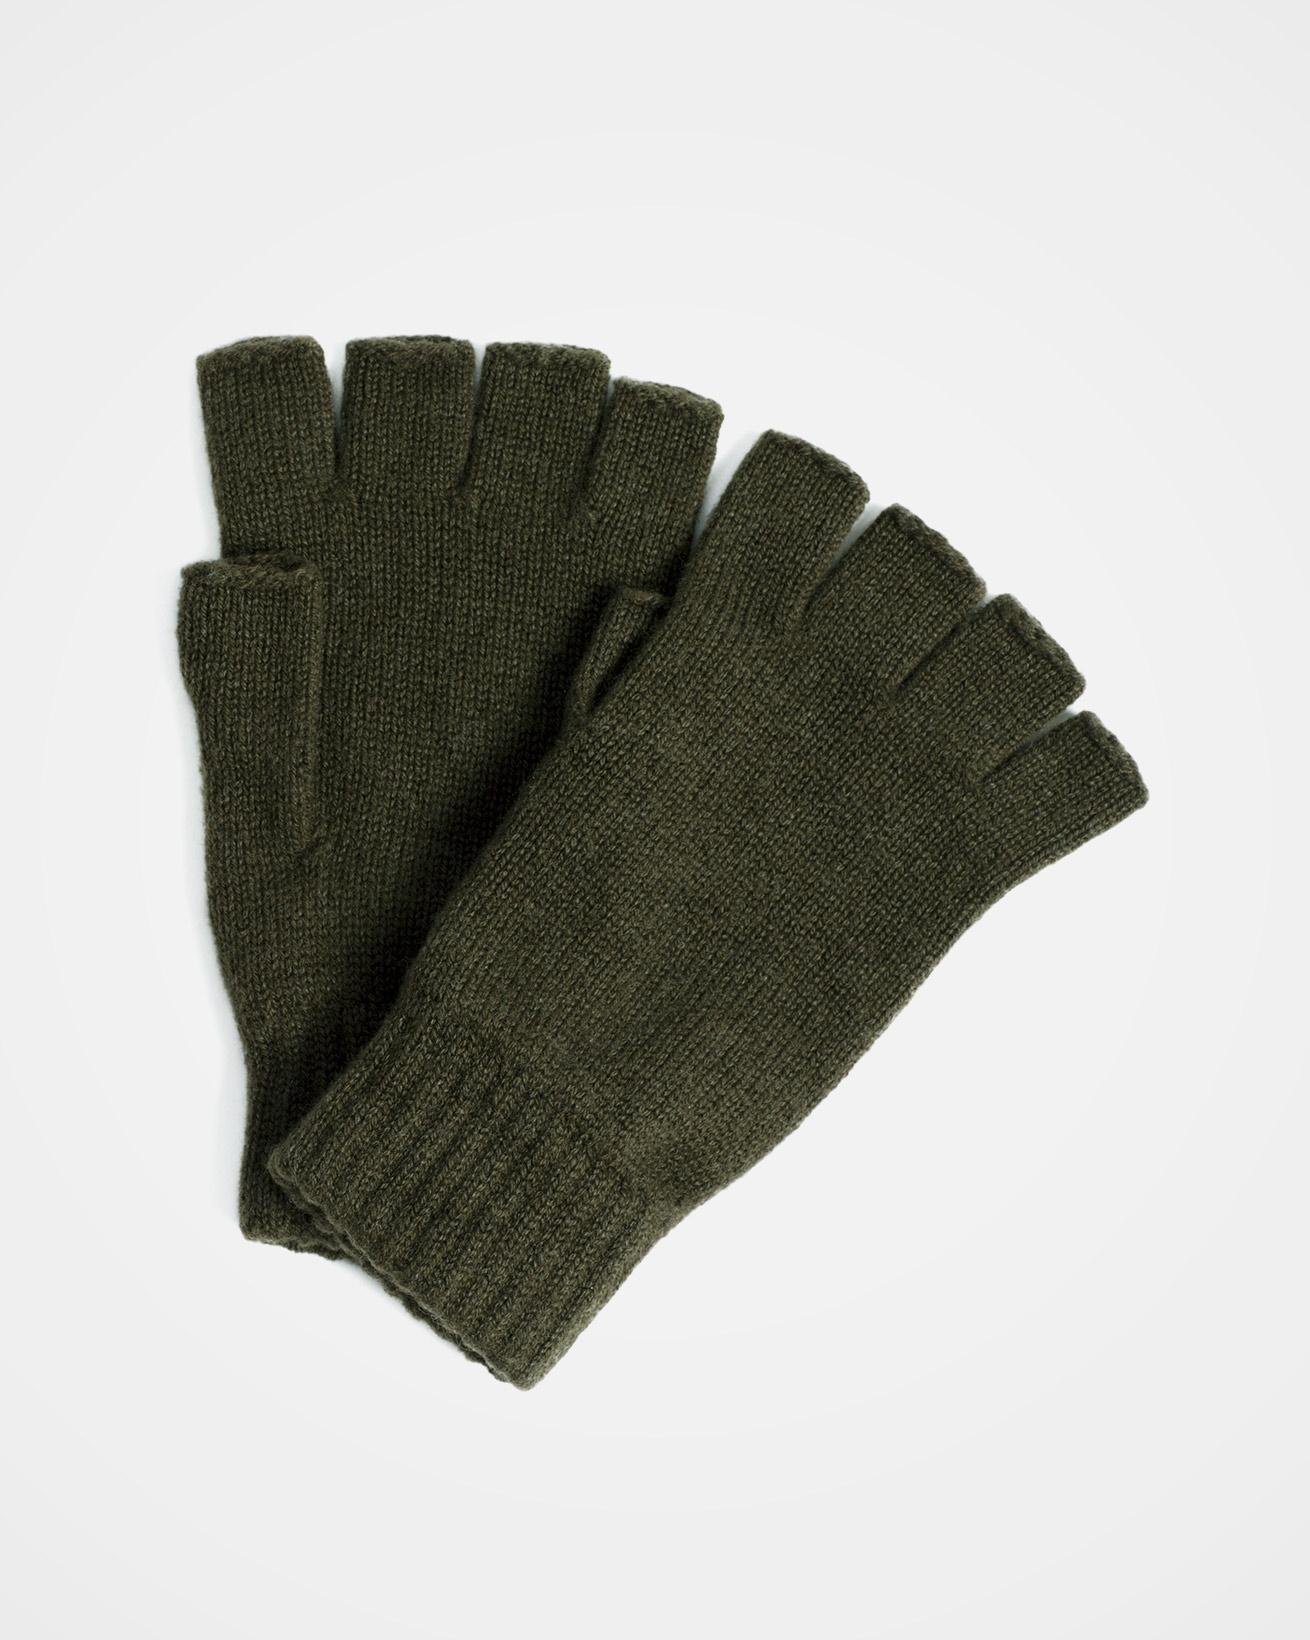 7491_unisex-cashmere-glove-fingerless_dark-olive_web.jpg